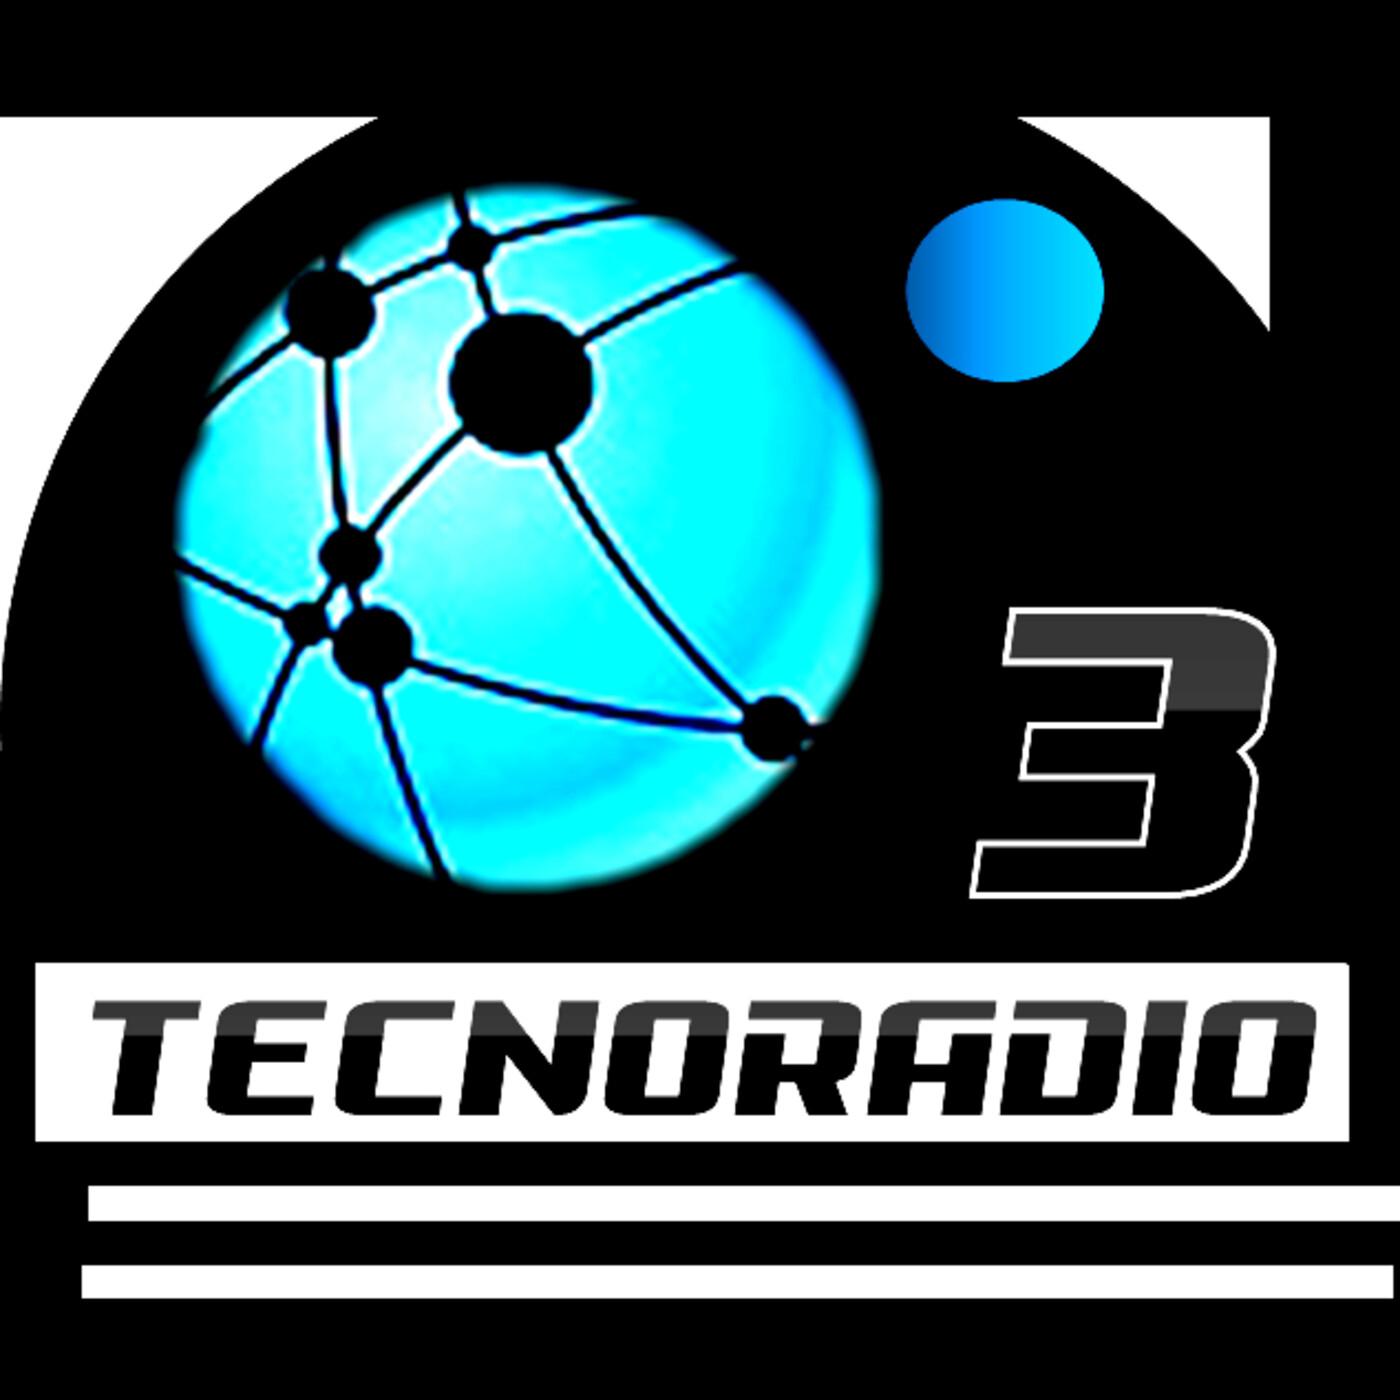 TECNOradio 3 - Semana 6